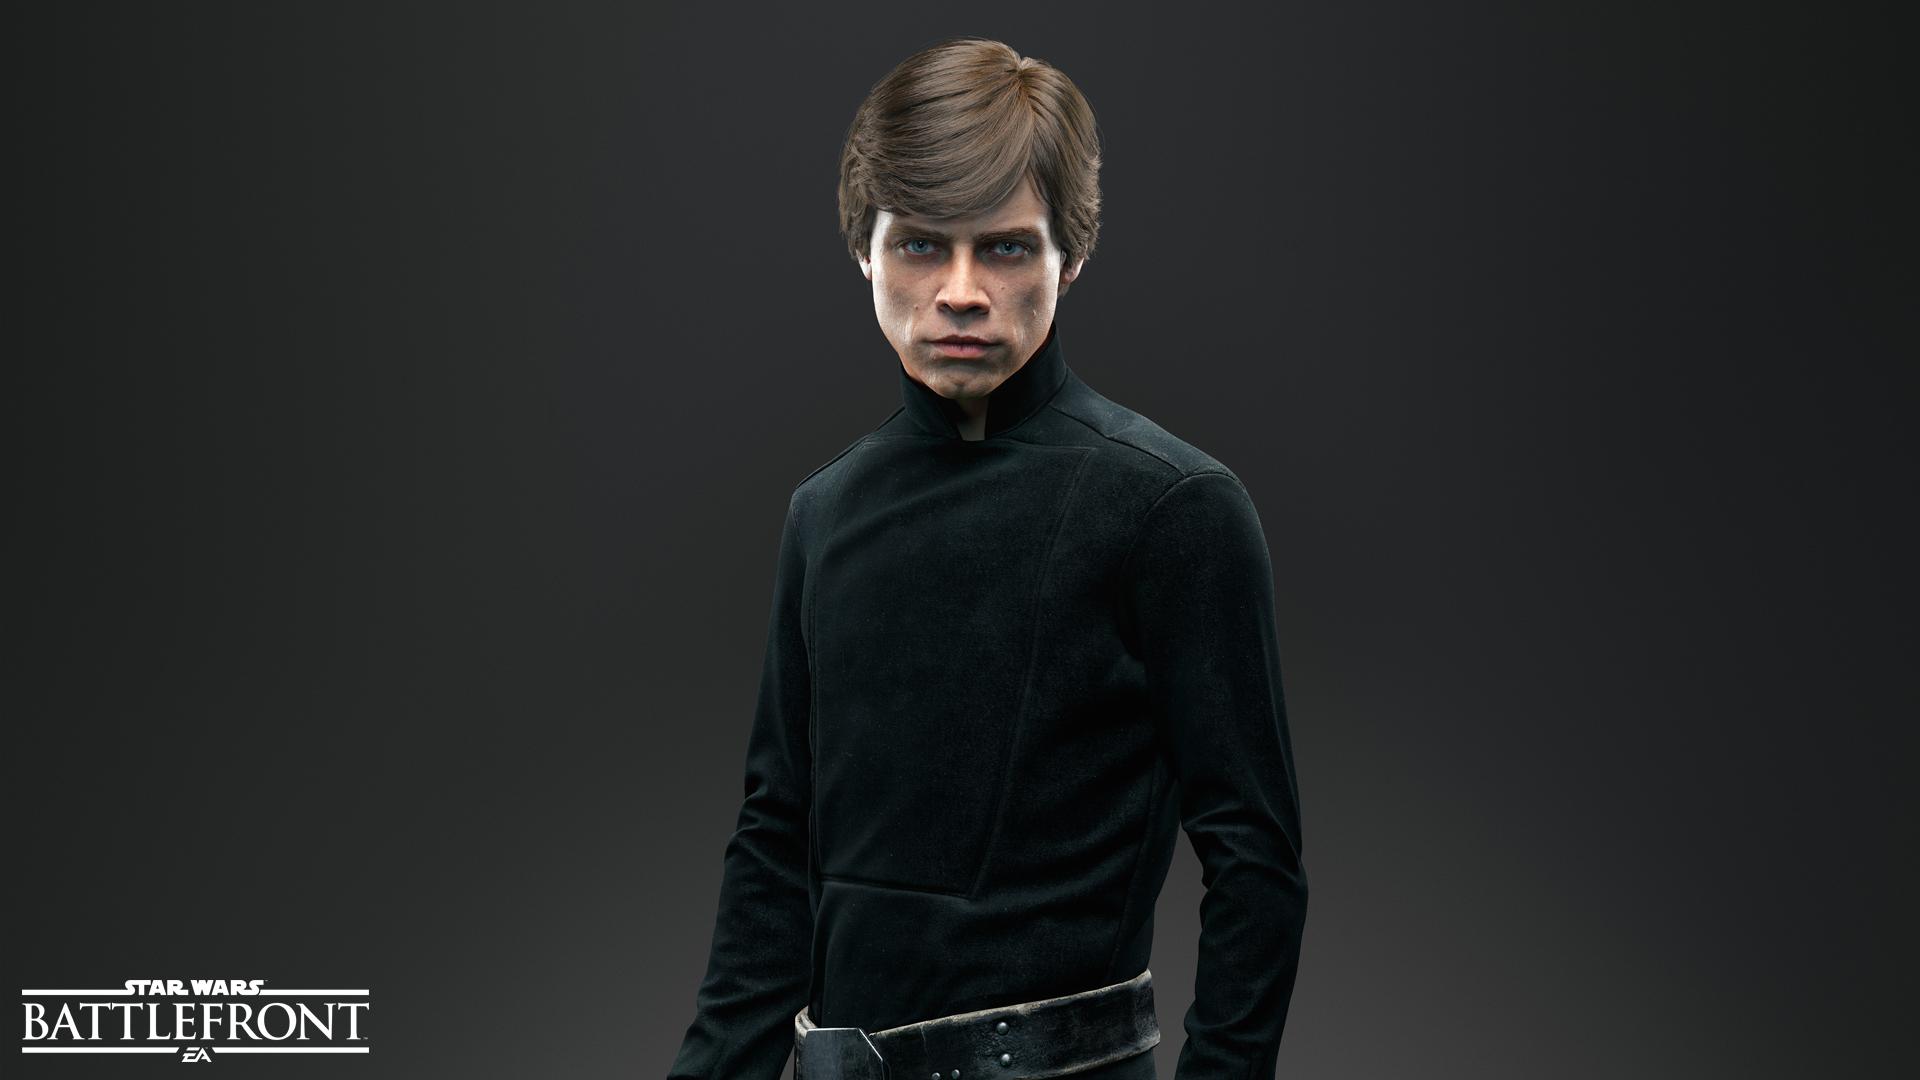 Luke Skywalker Wallpaper - Luke Star Wars Battlefront 2 , HD Wallpaper & Backgrounds